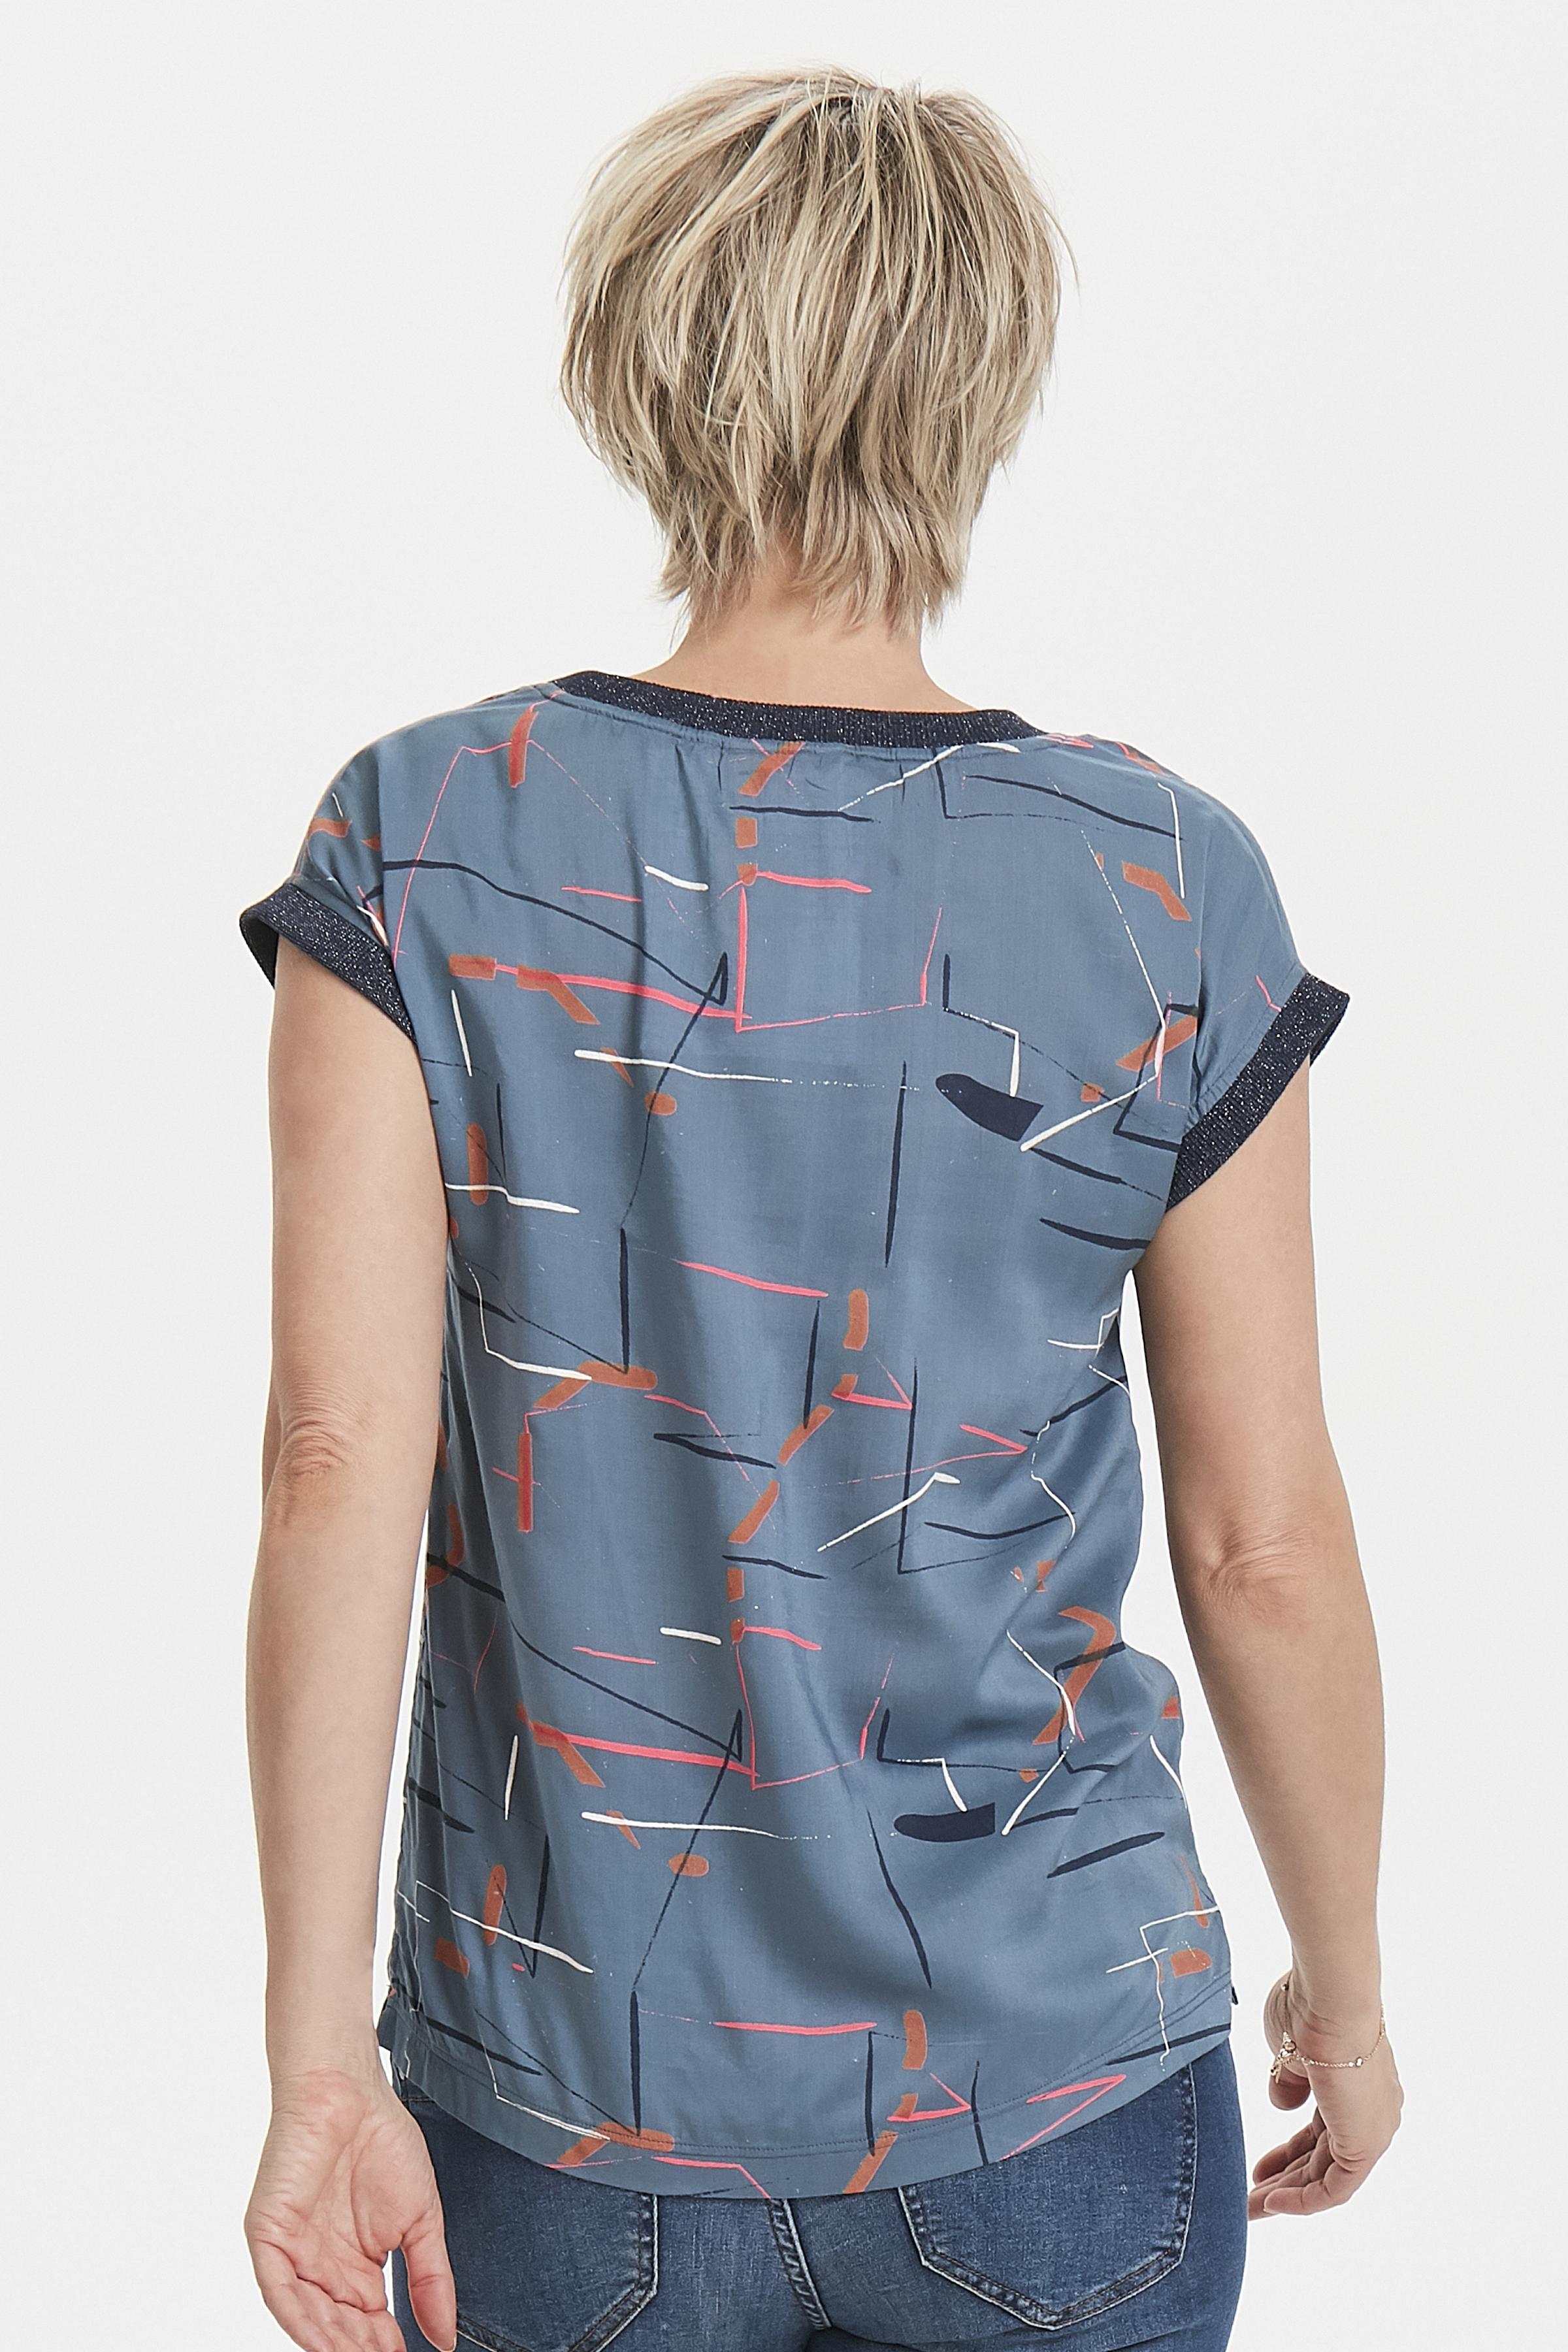 Misty blauw/cerise Korte mouwen shirt  van Bon'A Parte – Door Misty blauw/cerise Korte mouwen shirt  van maat. S-2XL hier